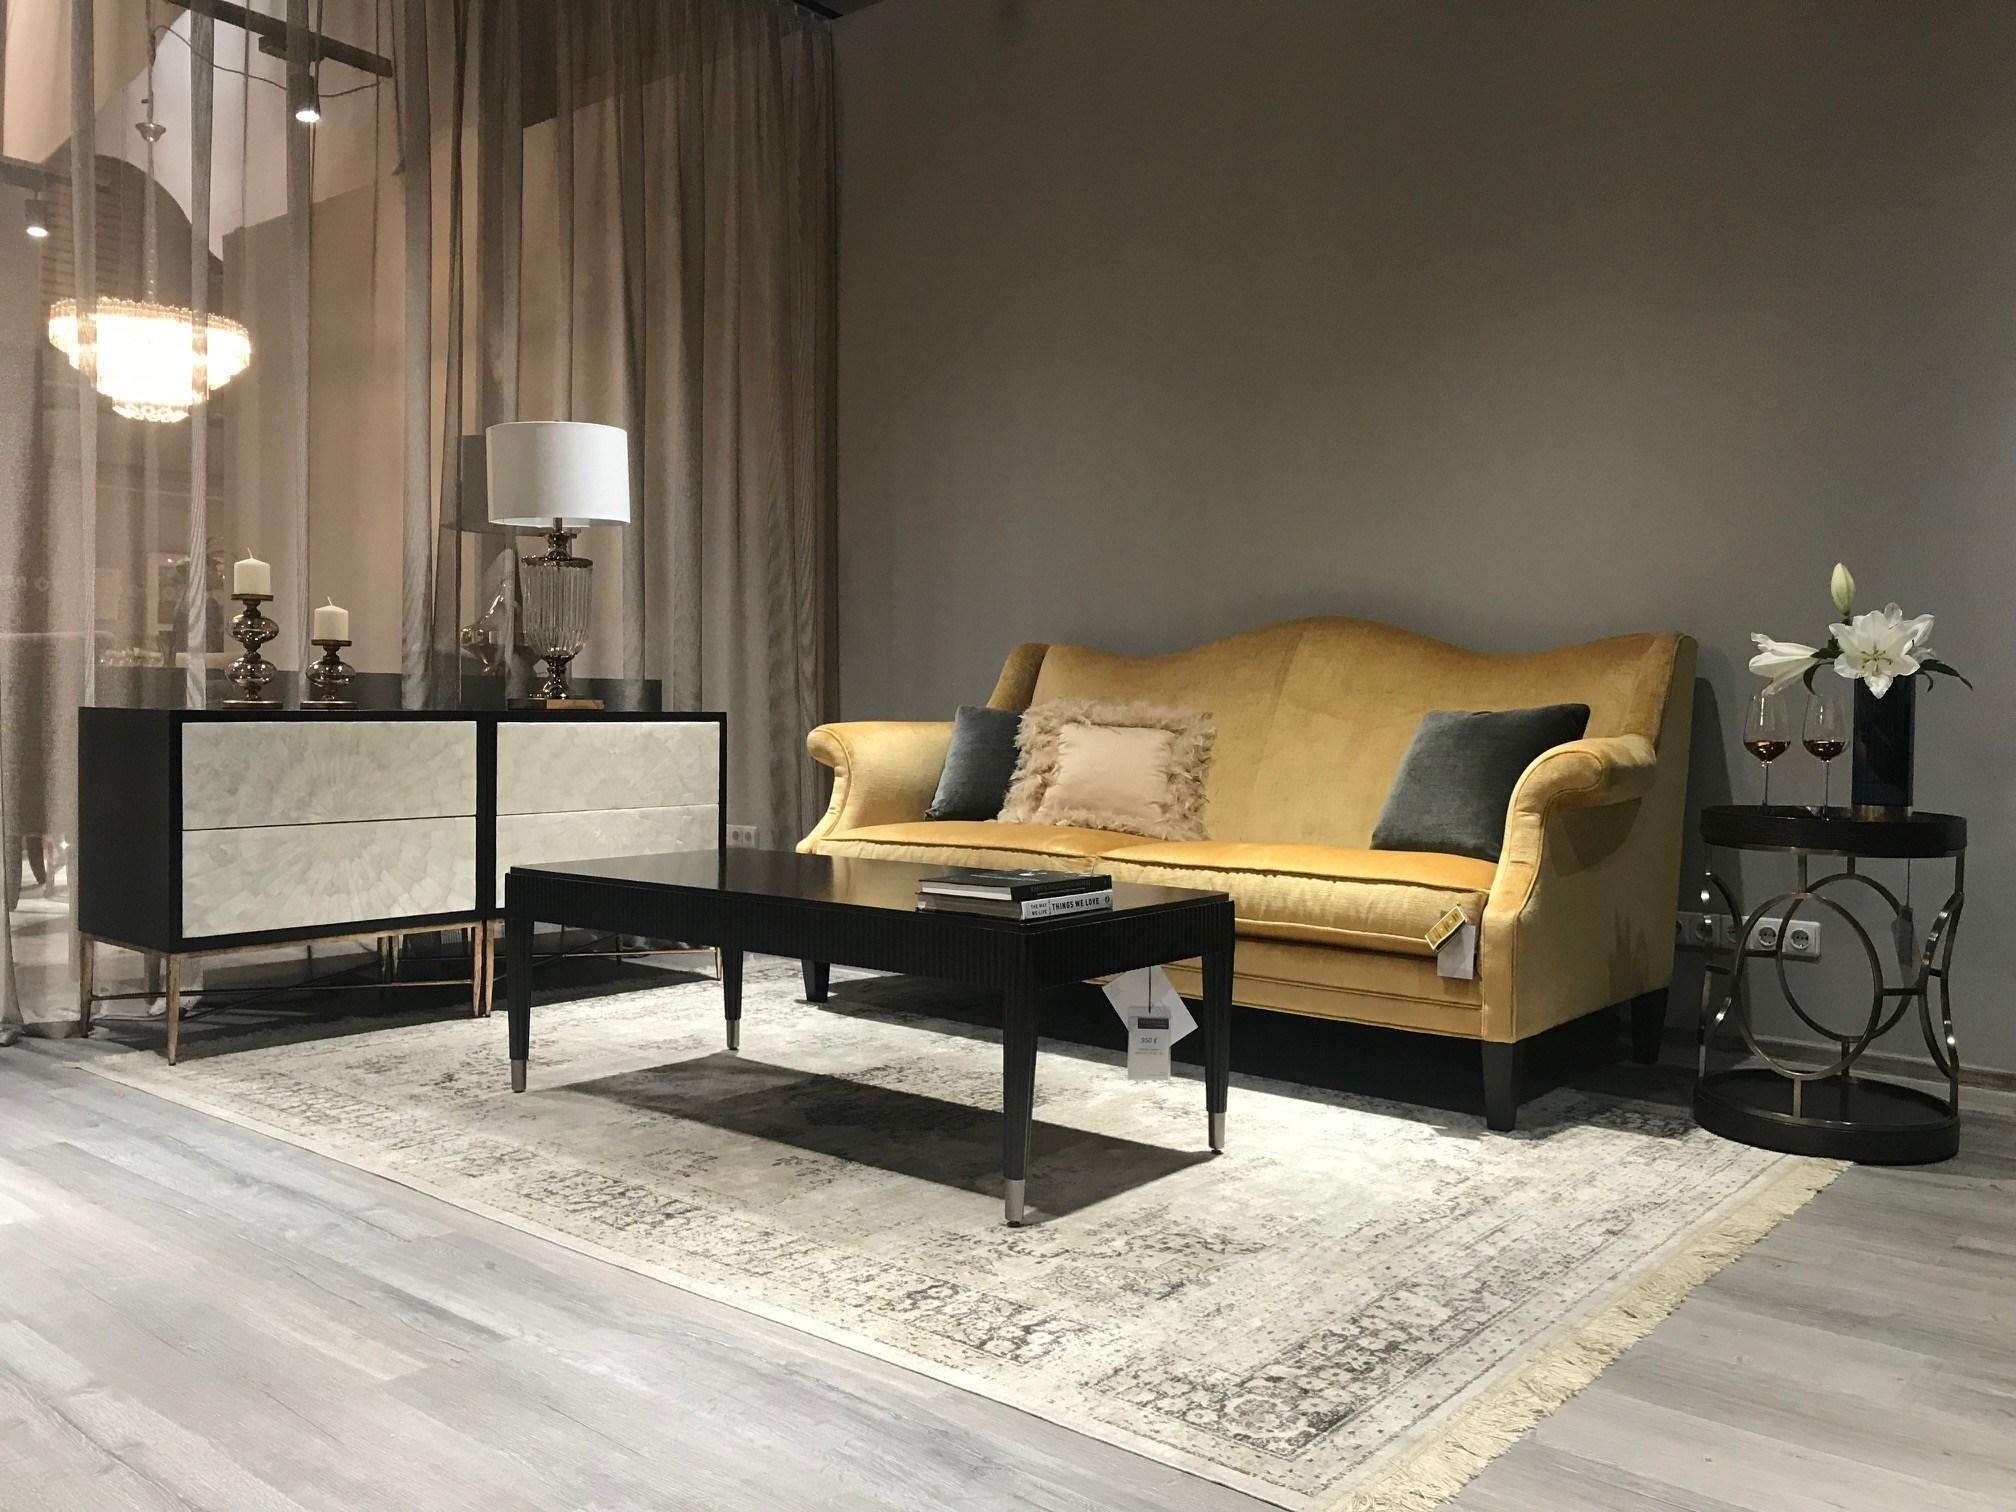 bernhardt-klasikiniai-baldai-prabangūs